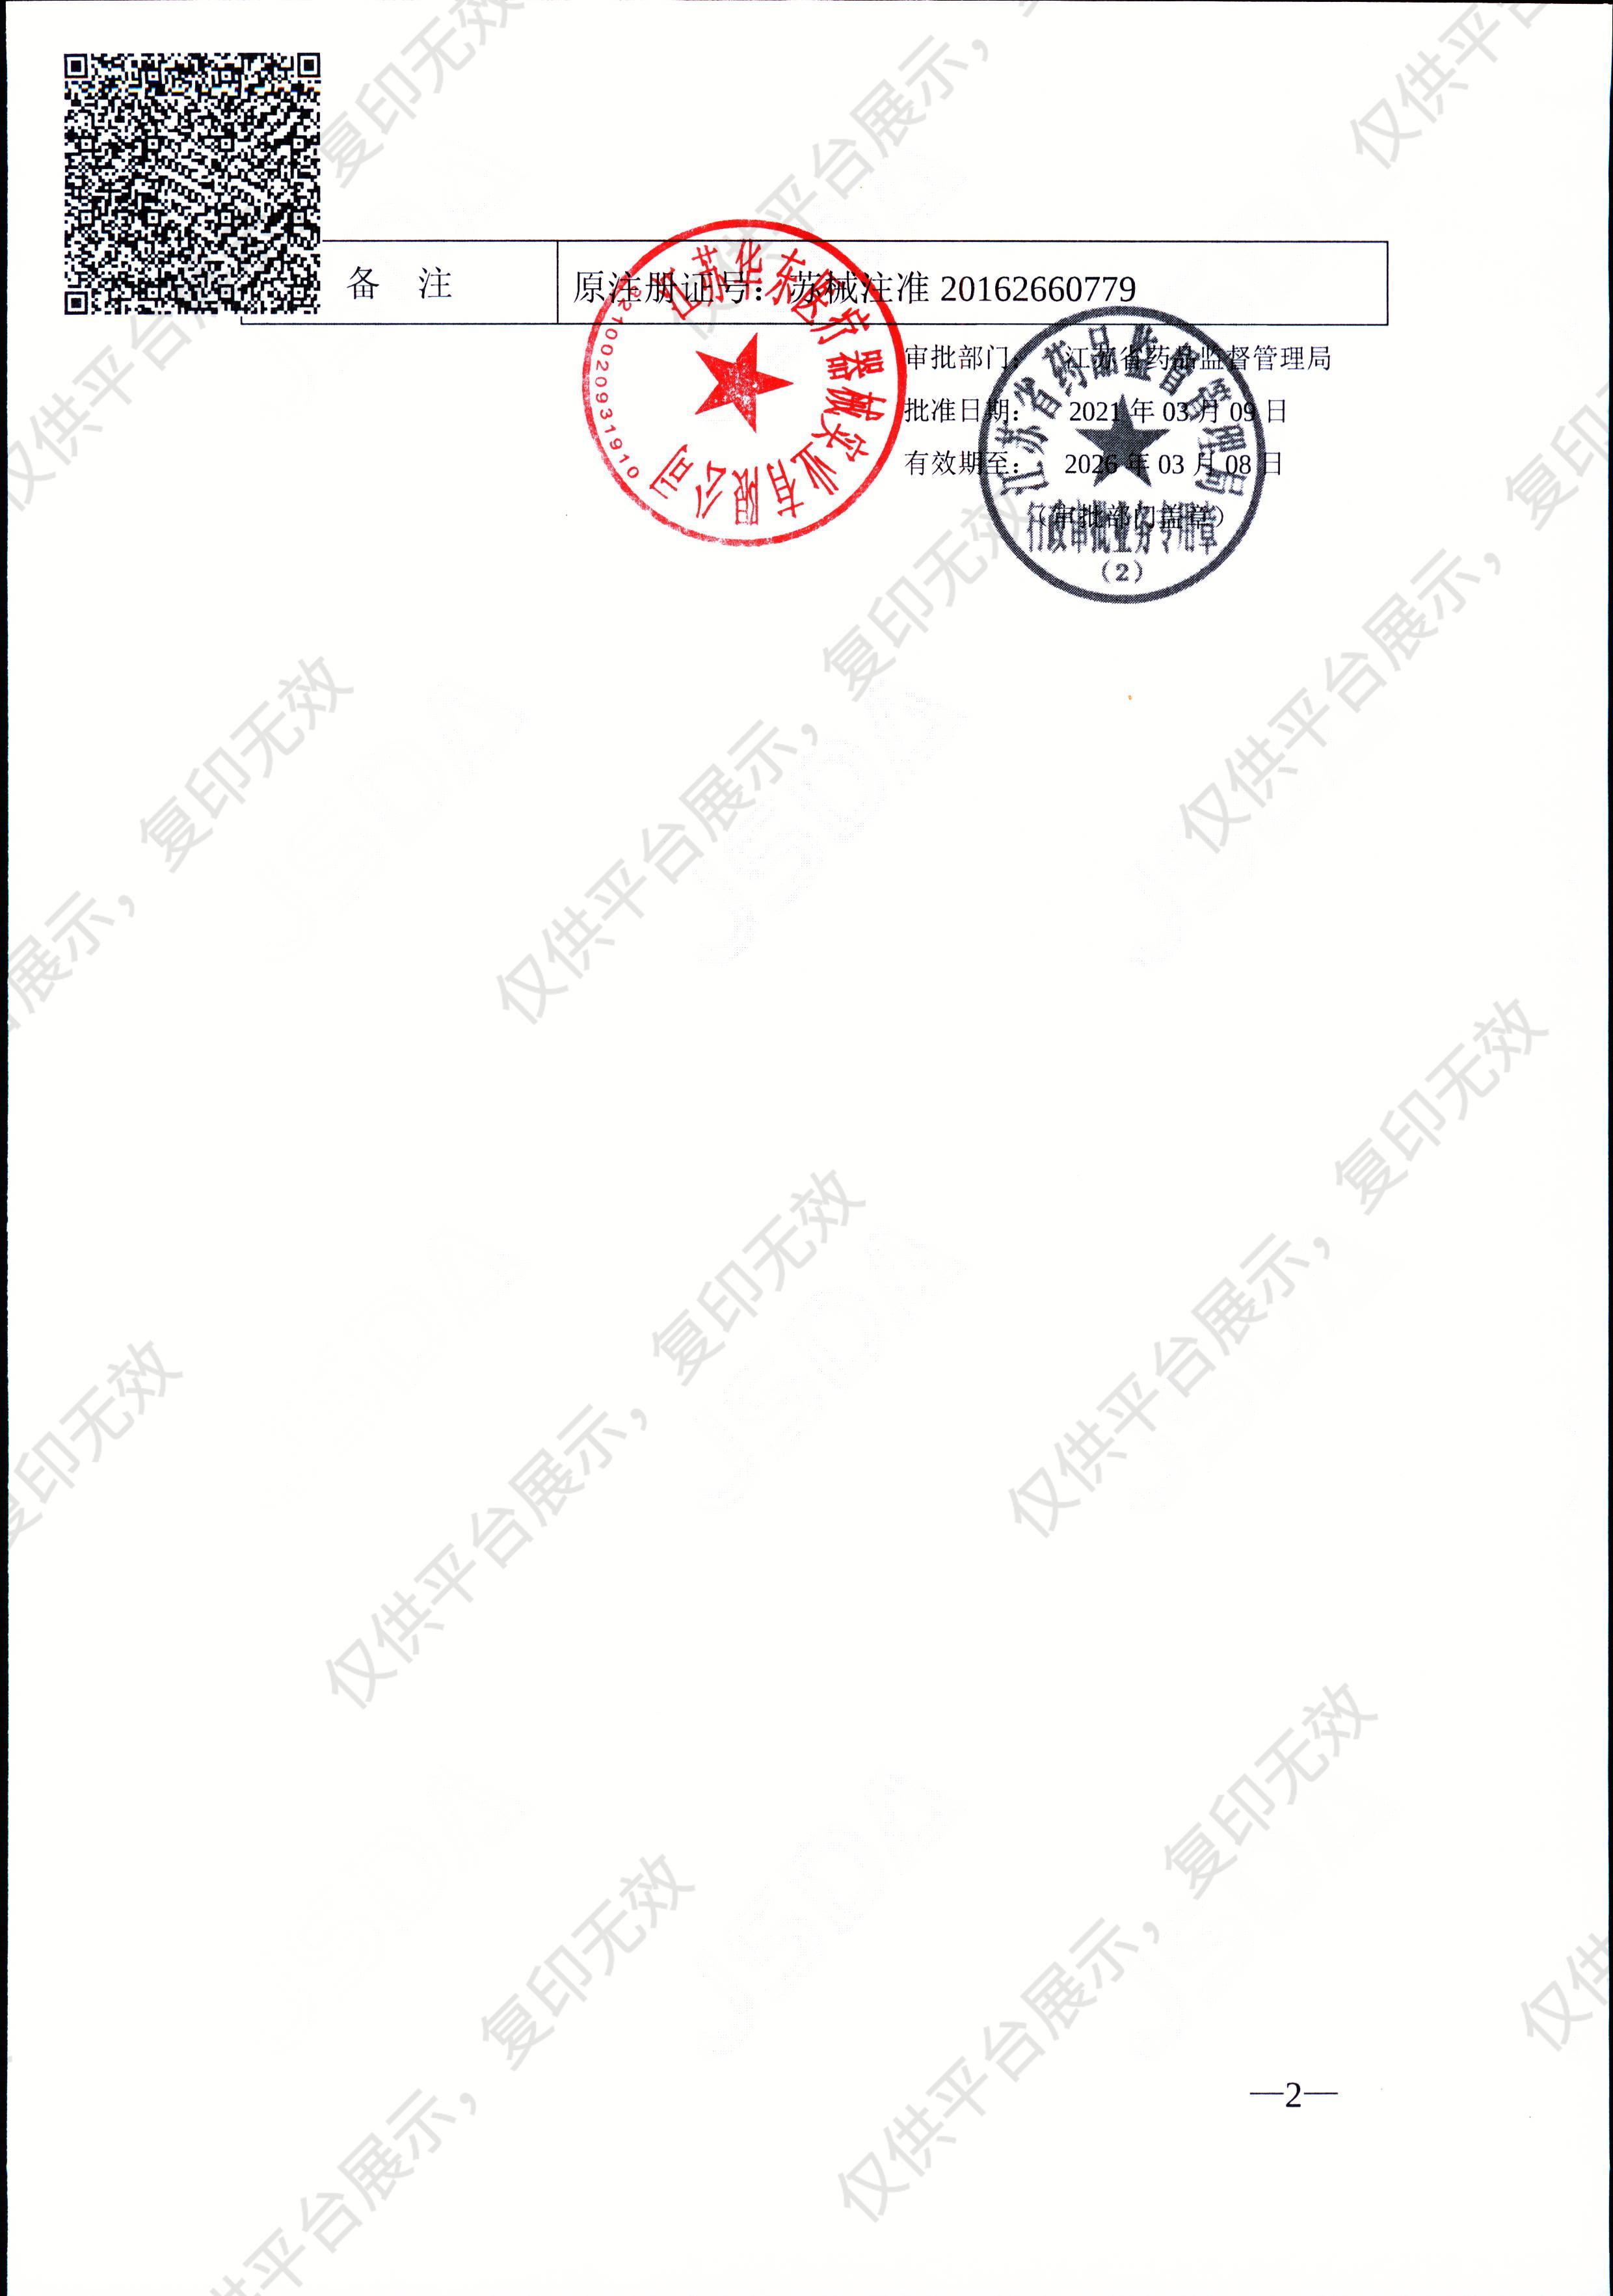 亚达(YADA) 一次性使用拭子 男用 箱装(3000支)注册证